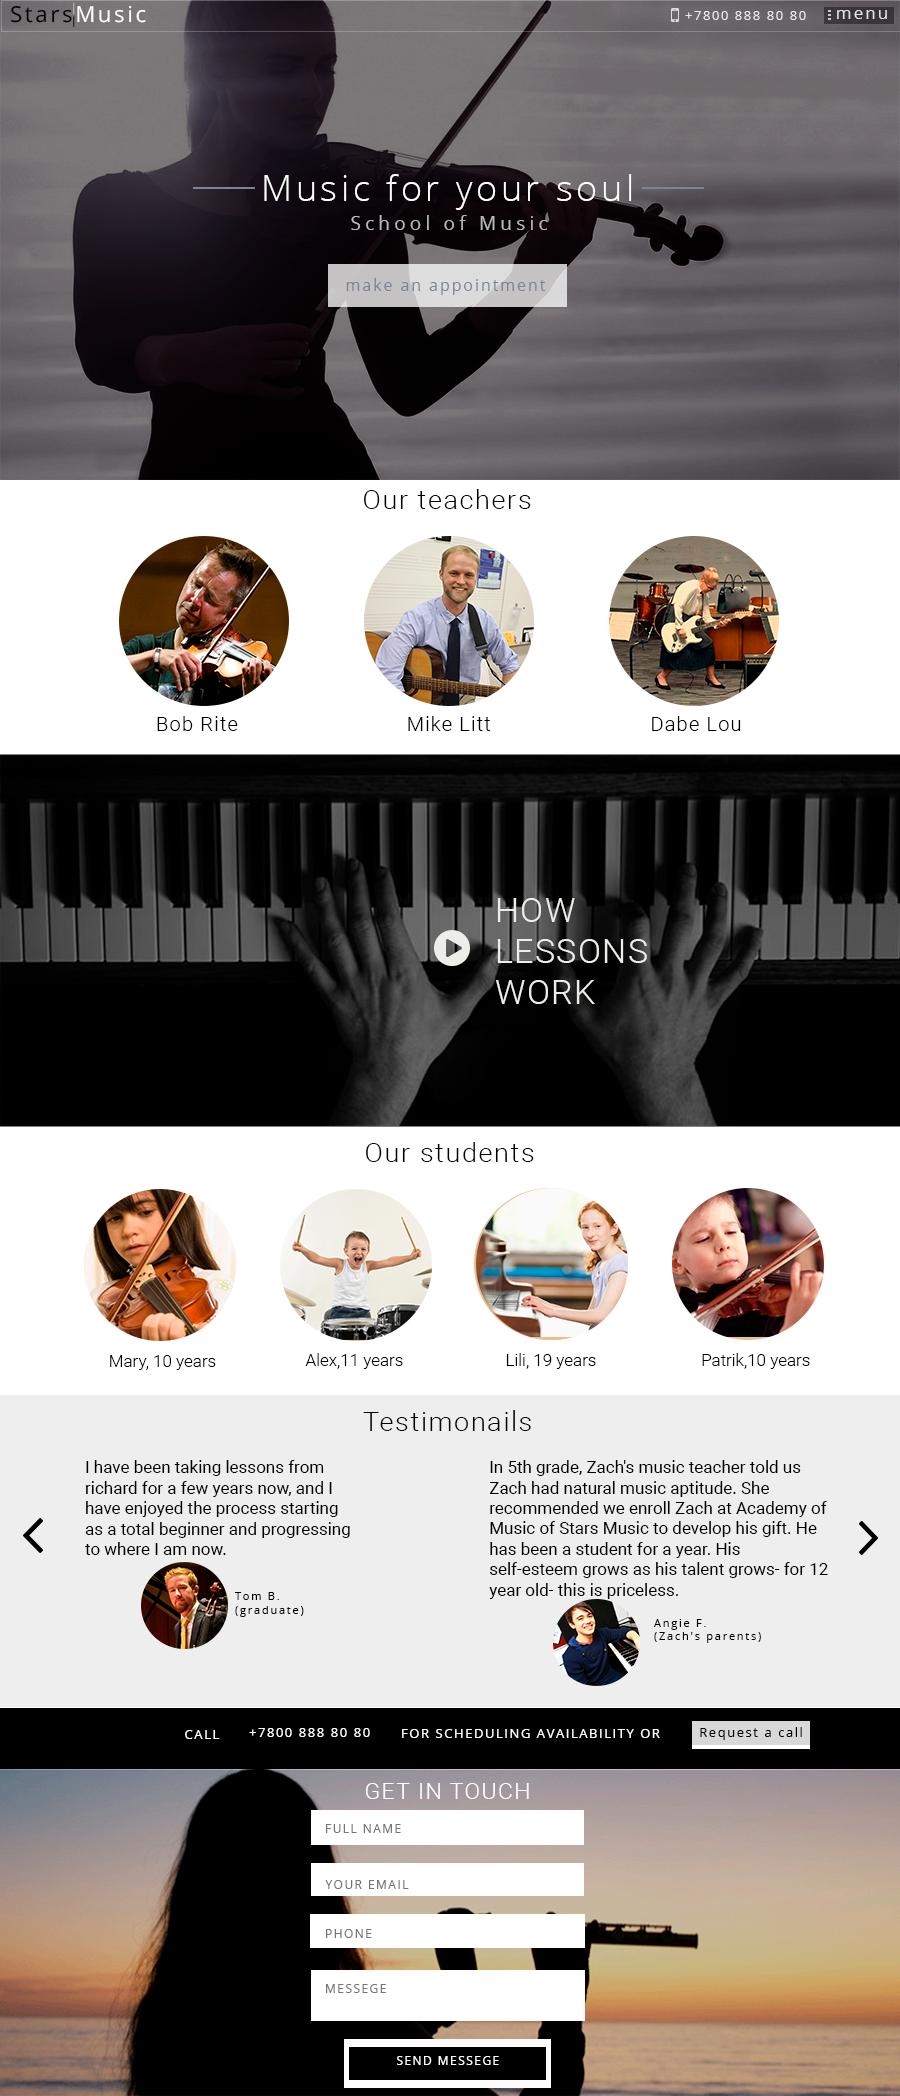 Разработка дизайна главной страницы сайта интернет-магазина фото f_6445945490d34273.png